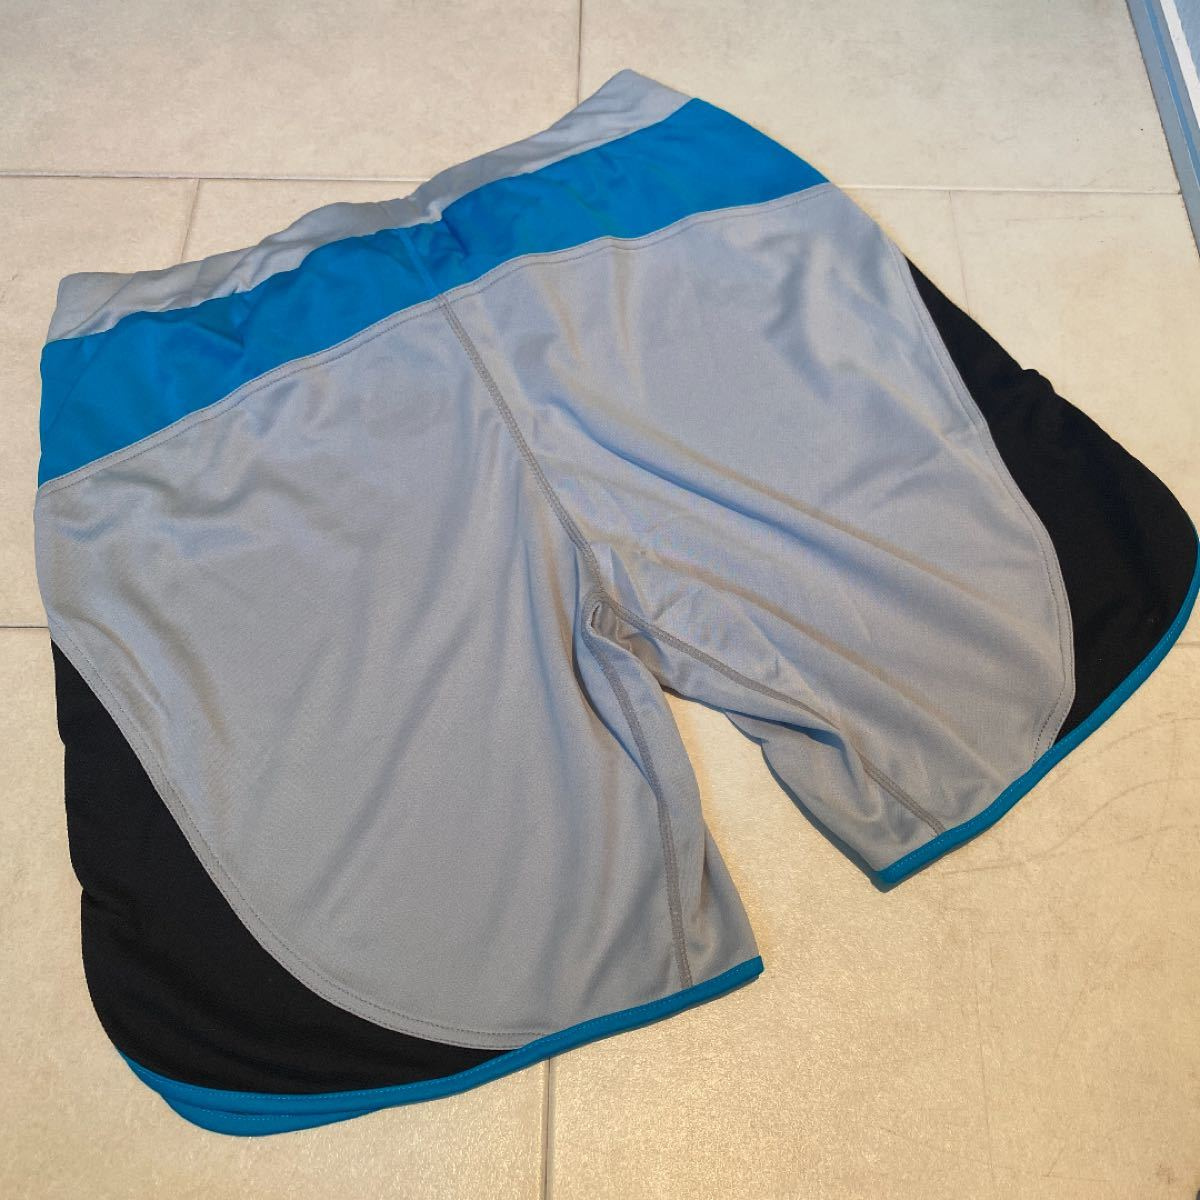 ランニングパンツ バイカラーパンツ 新品 レリック reric ジョギング